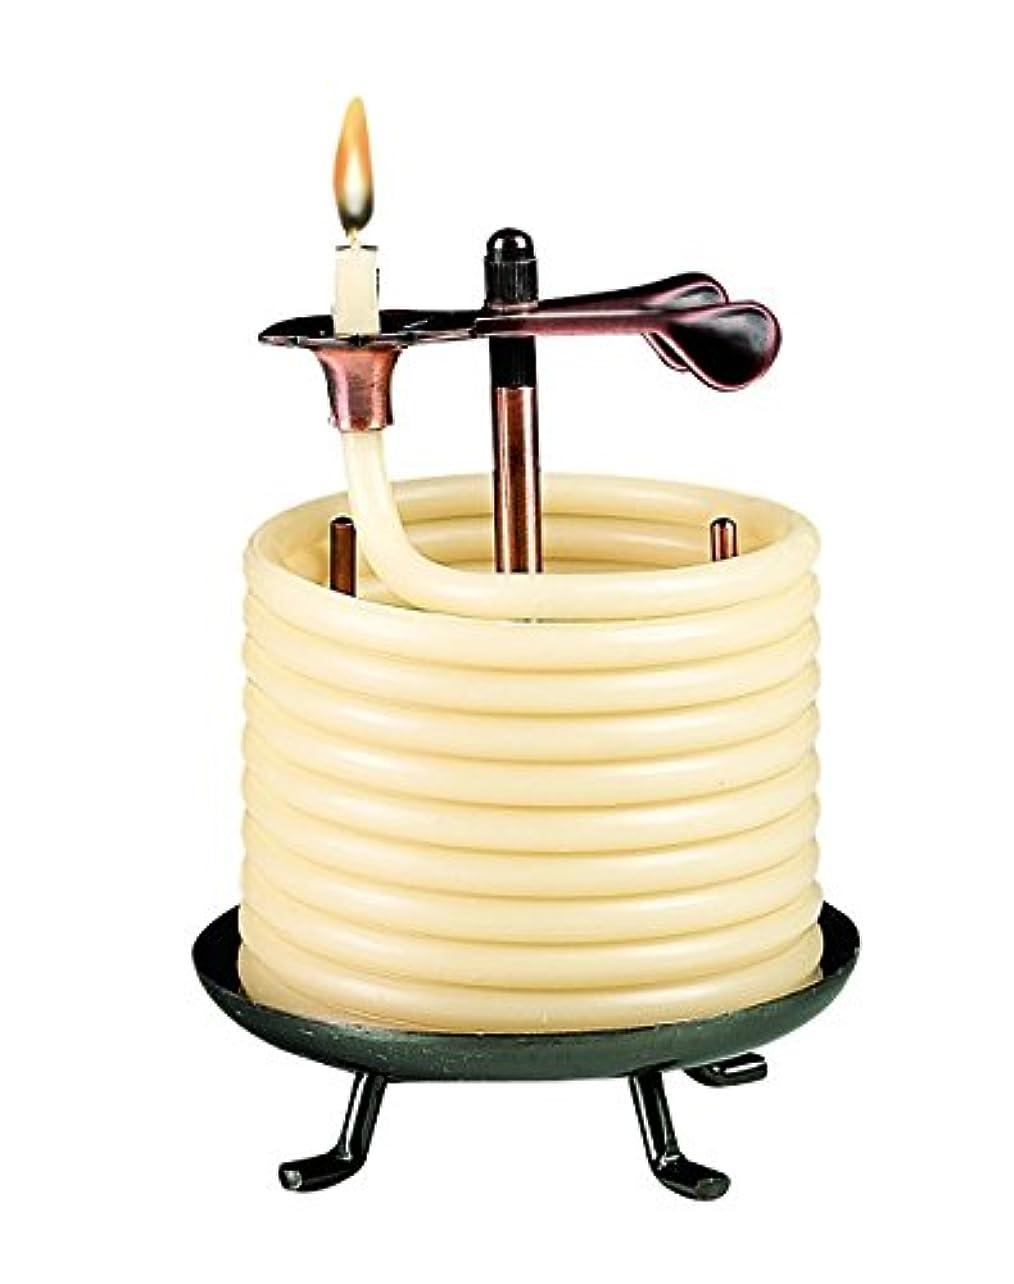 前文真空準備したCandle by the Hour 60-Hour Candle, Eco-friendly Natural Beeswax with Cotton Wick by Candle by the Hour